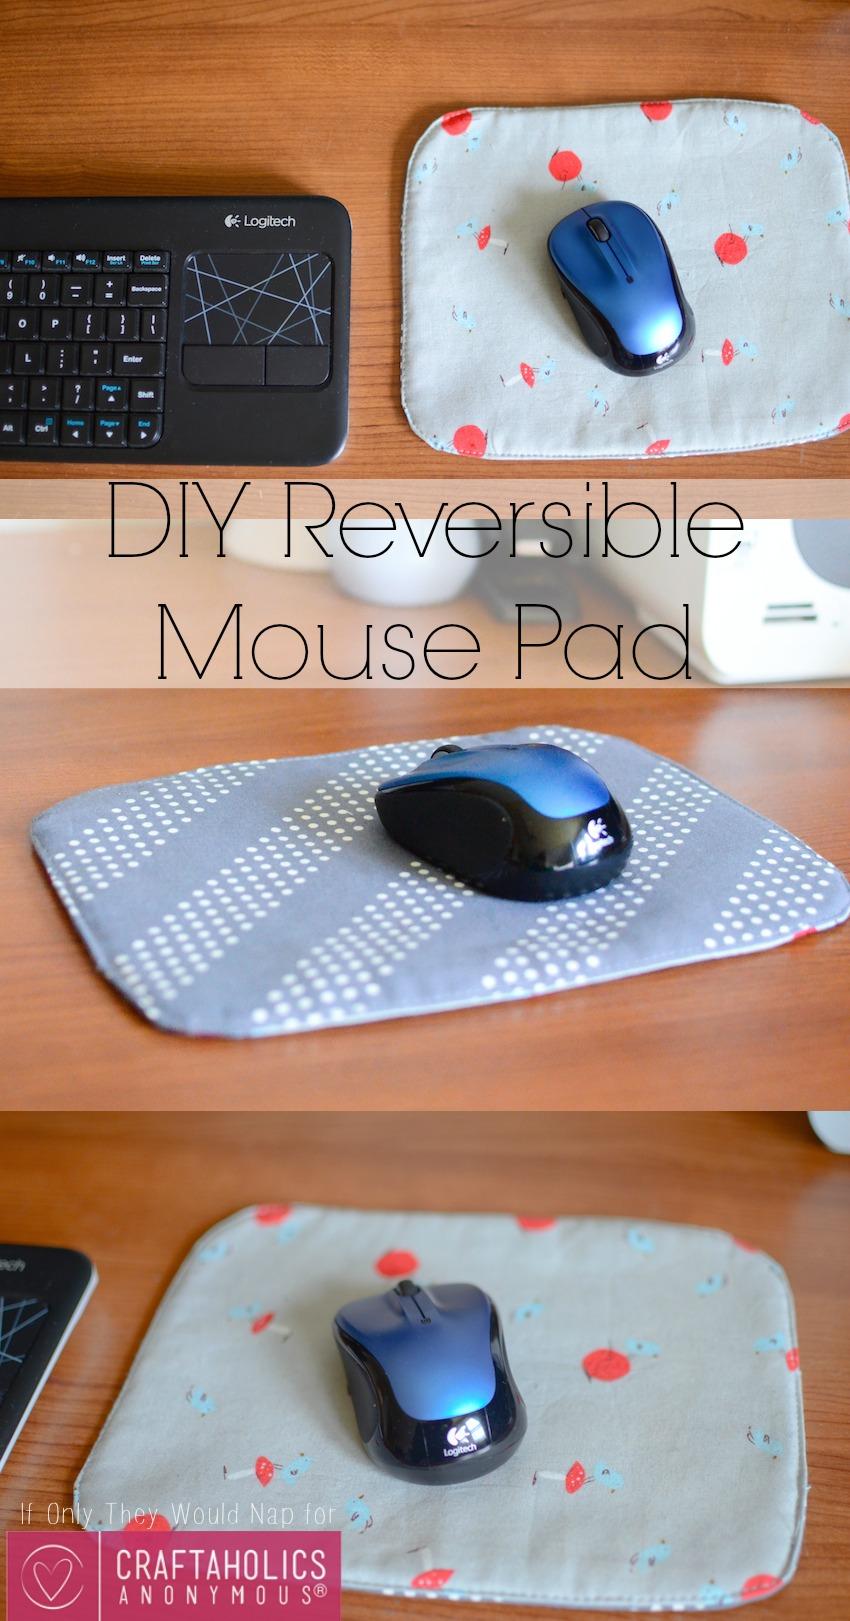 DIY Reversible Mouse Pad